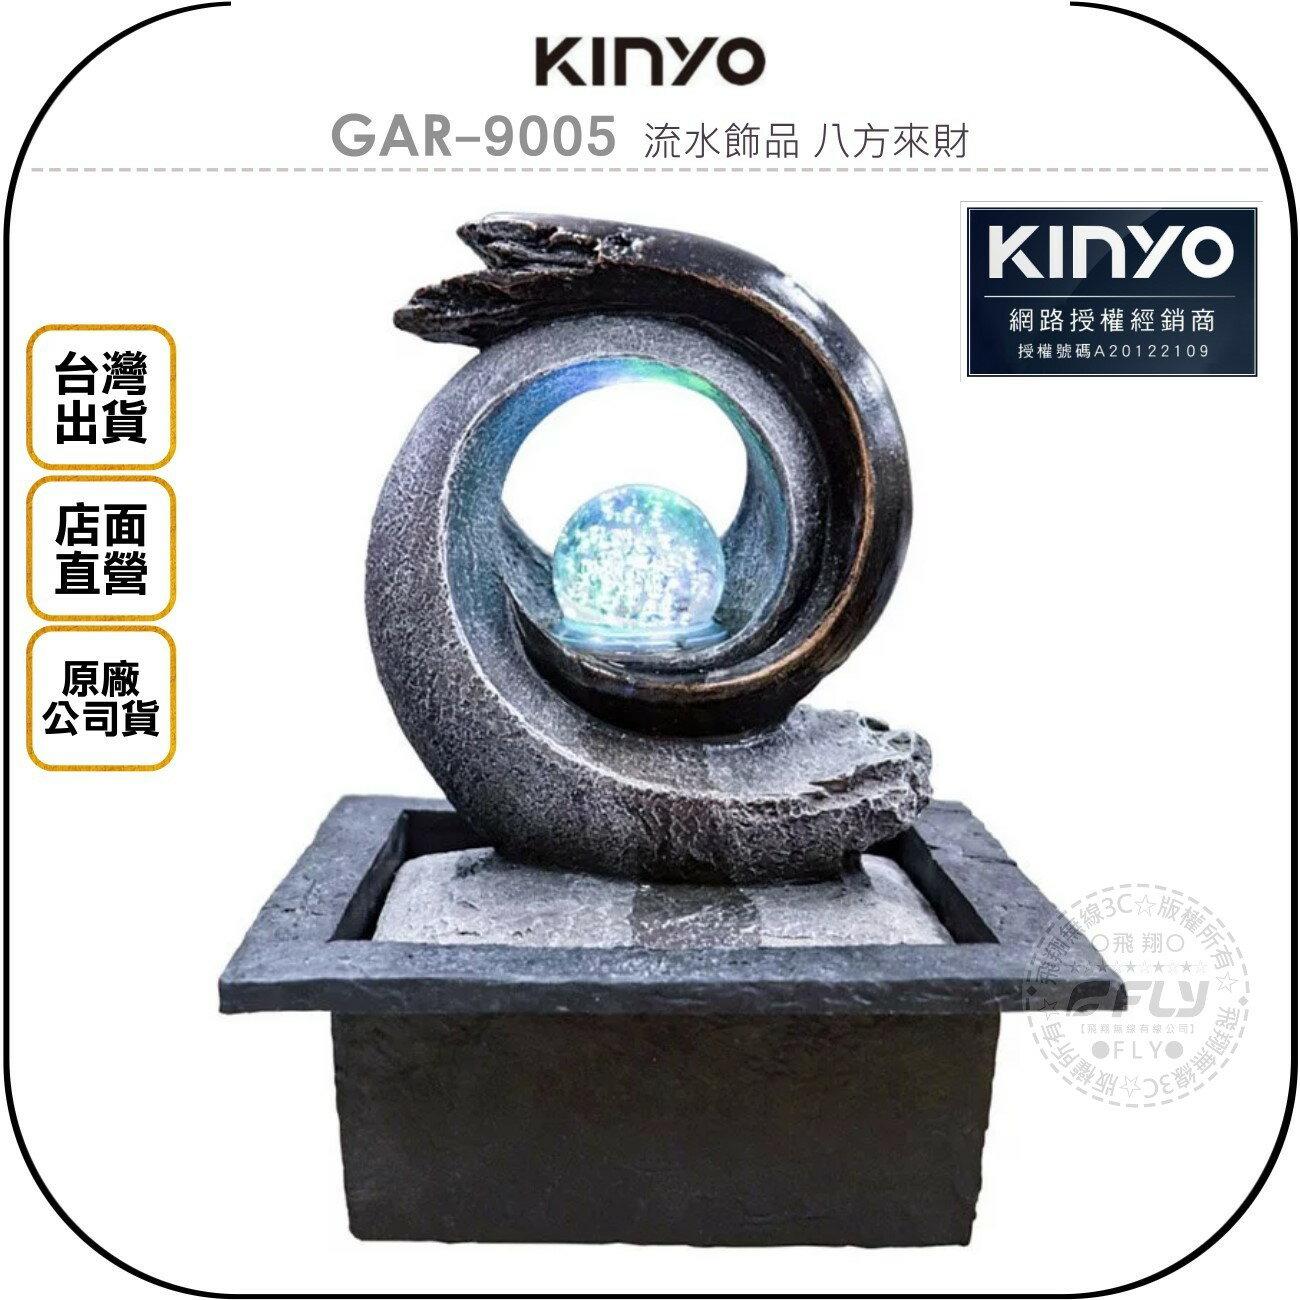 《飛翔無線3C》KINYO 耐嘉 GAR-9005 流水飾品 八方來財◉公司貨◉風水擺飾◉園藝造景◉居家招財